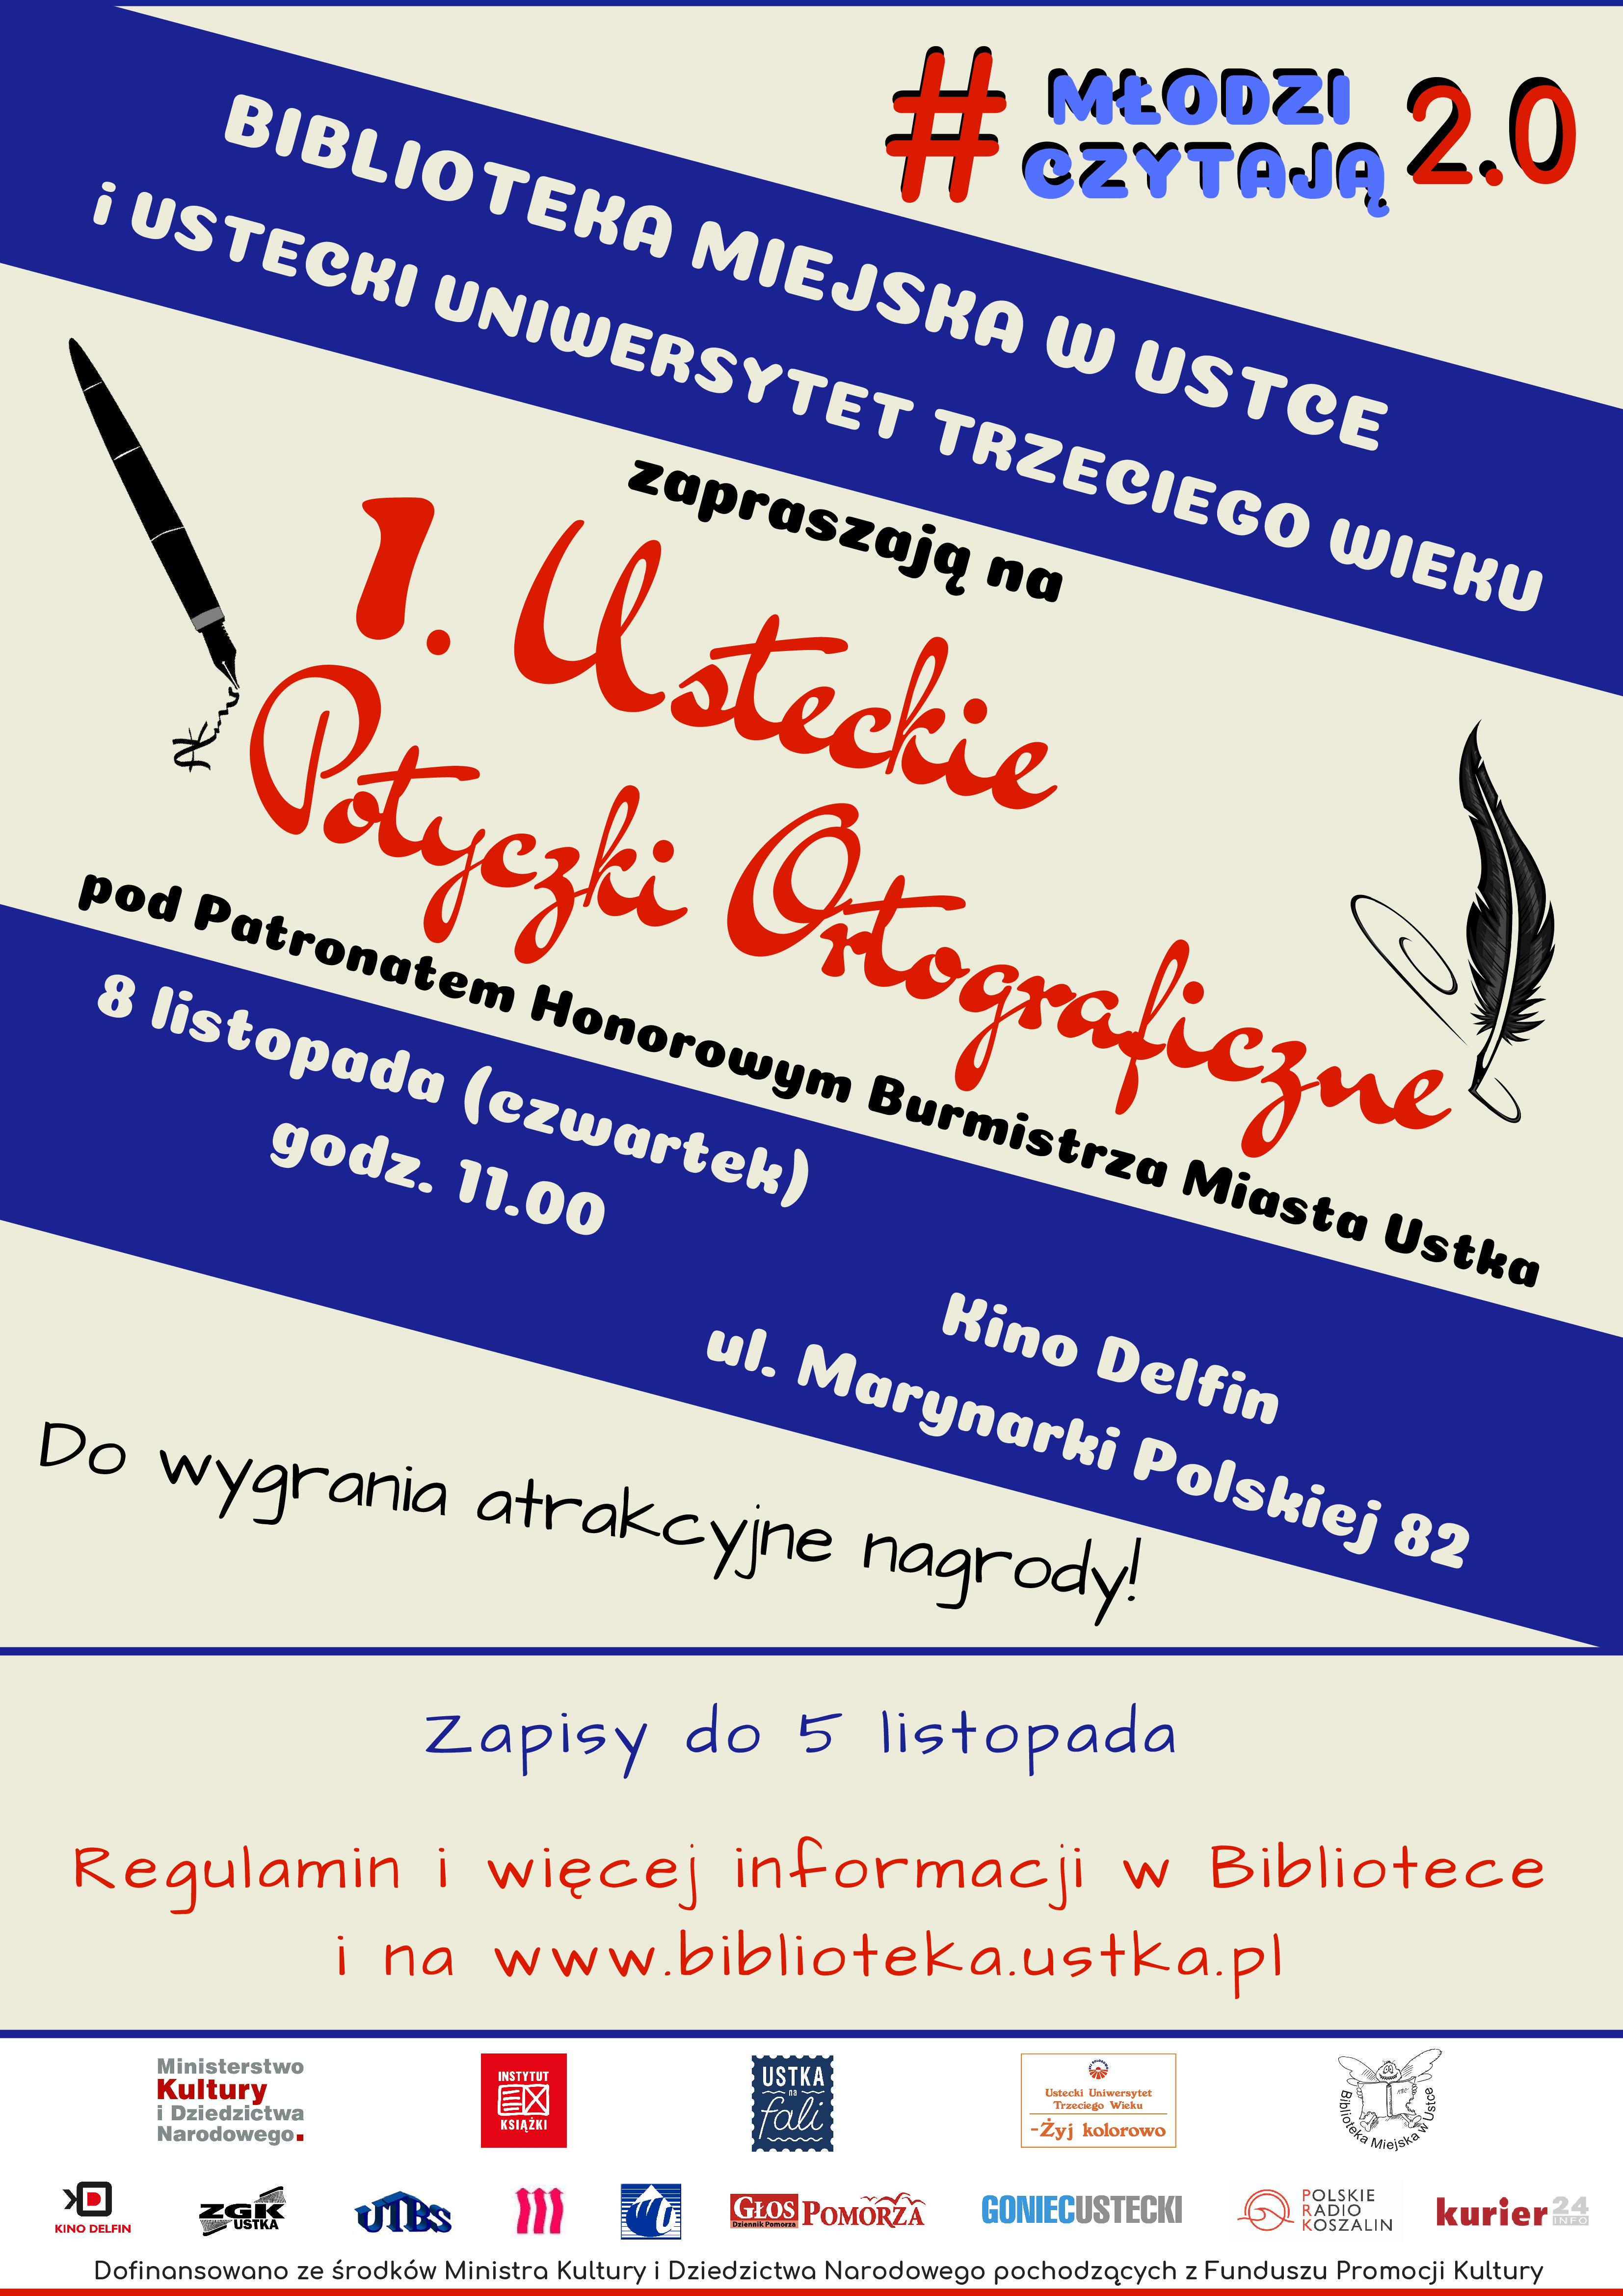 1. Usteckie Potyczki Ortograficzne - plakat